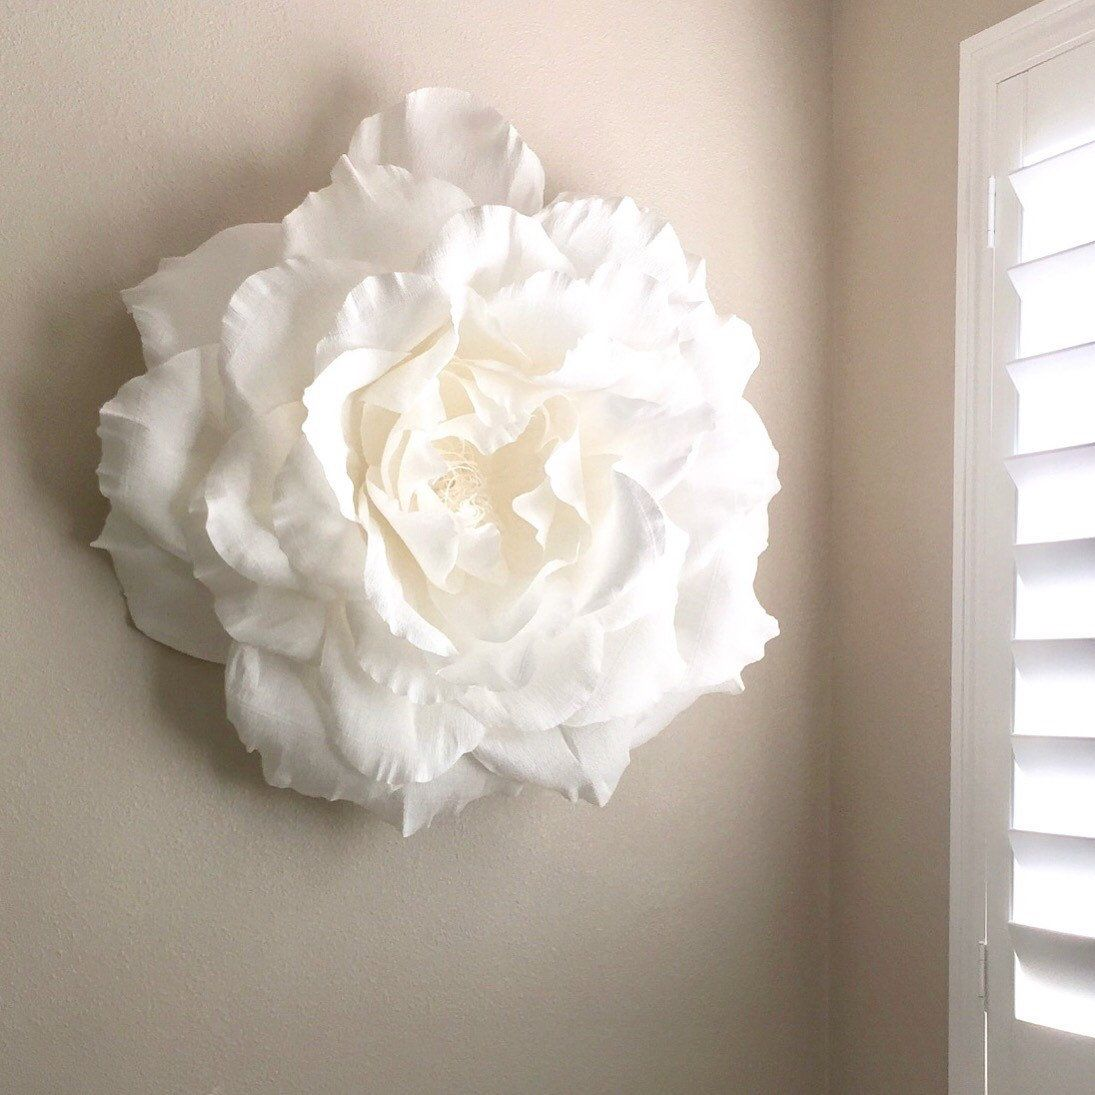 Giant Paper Rose-Crepe Paper Rose-Paper Flowers-Nursery Wall Decor-Paper Flower Wall Decor-Giant Paper Flowers-Boho Nursery Decor-Floral #crepepaperroses